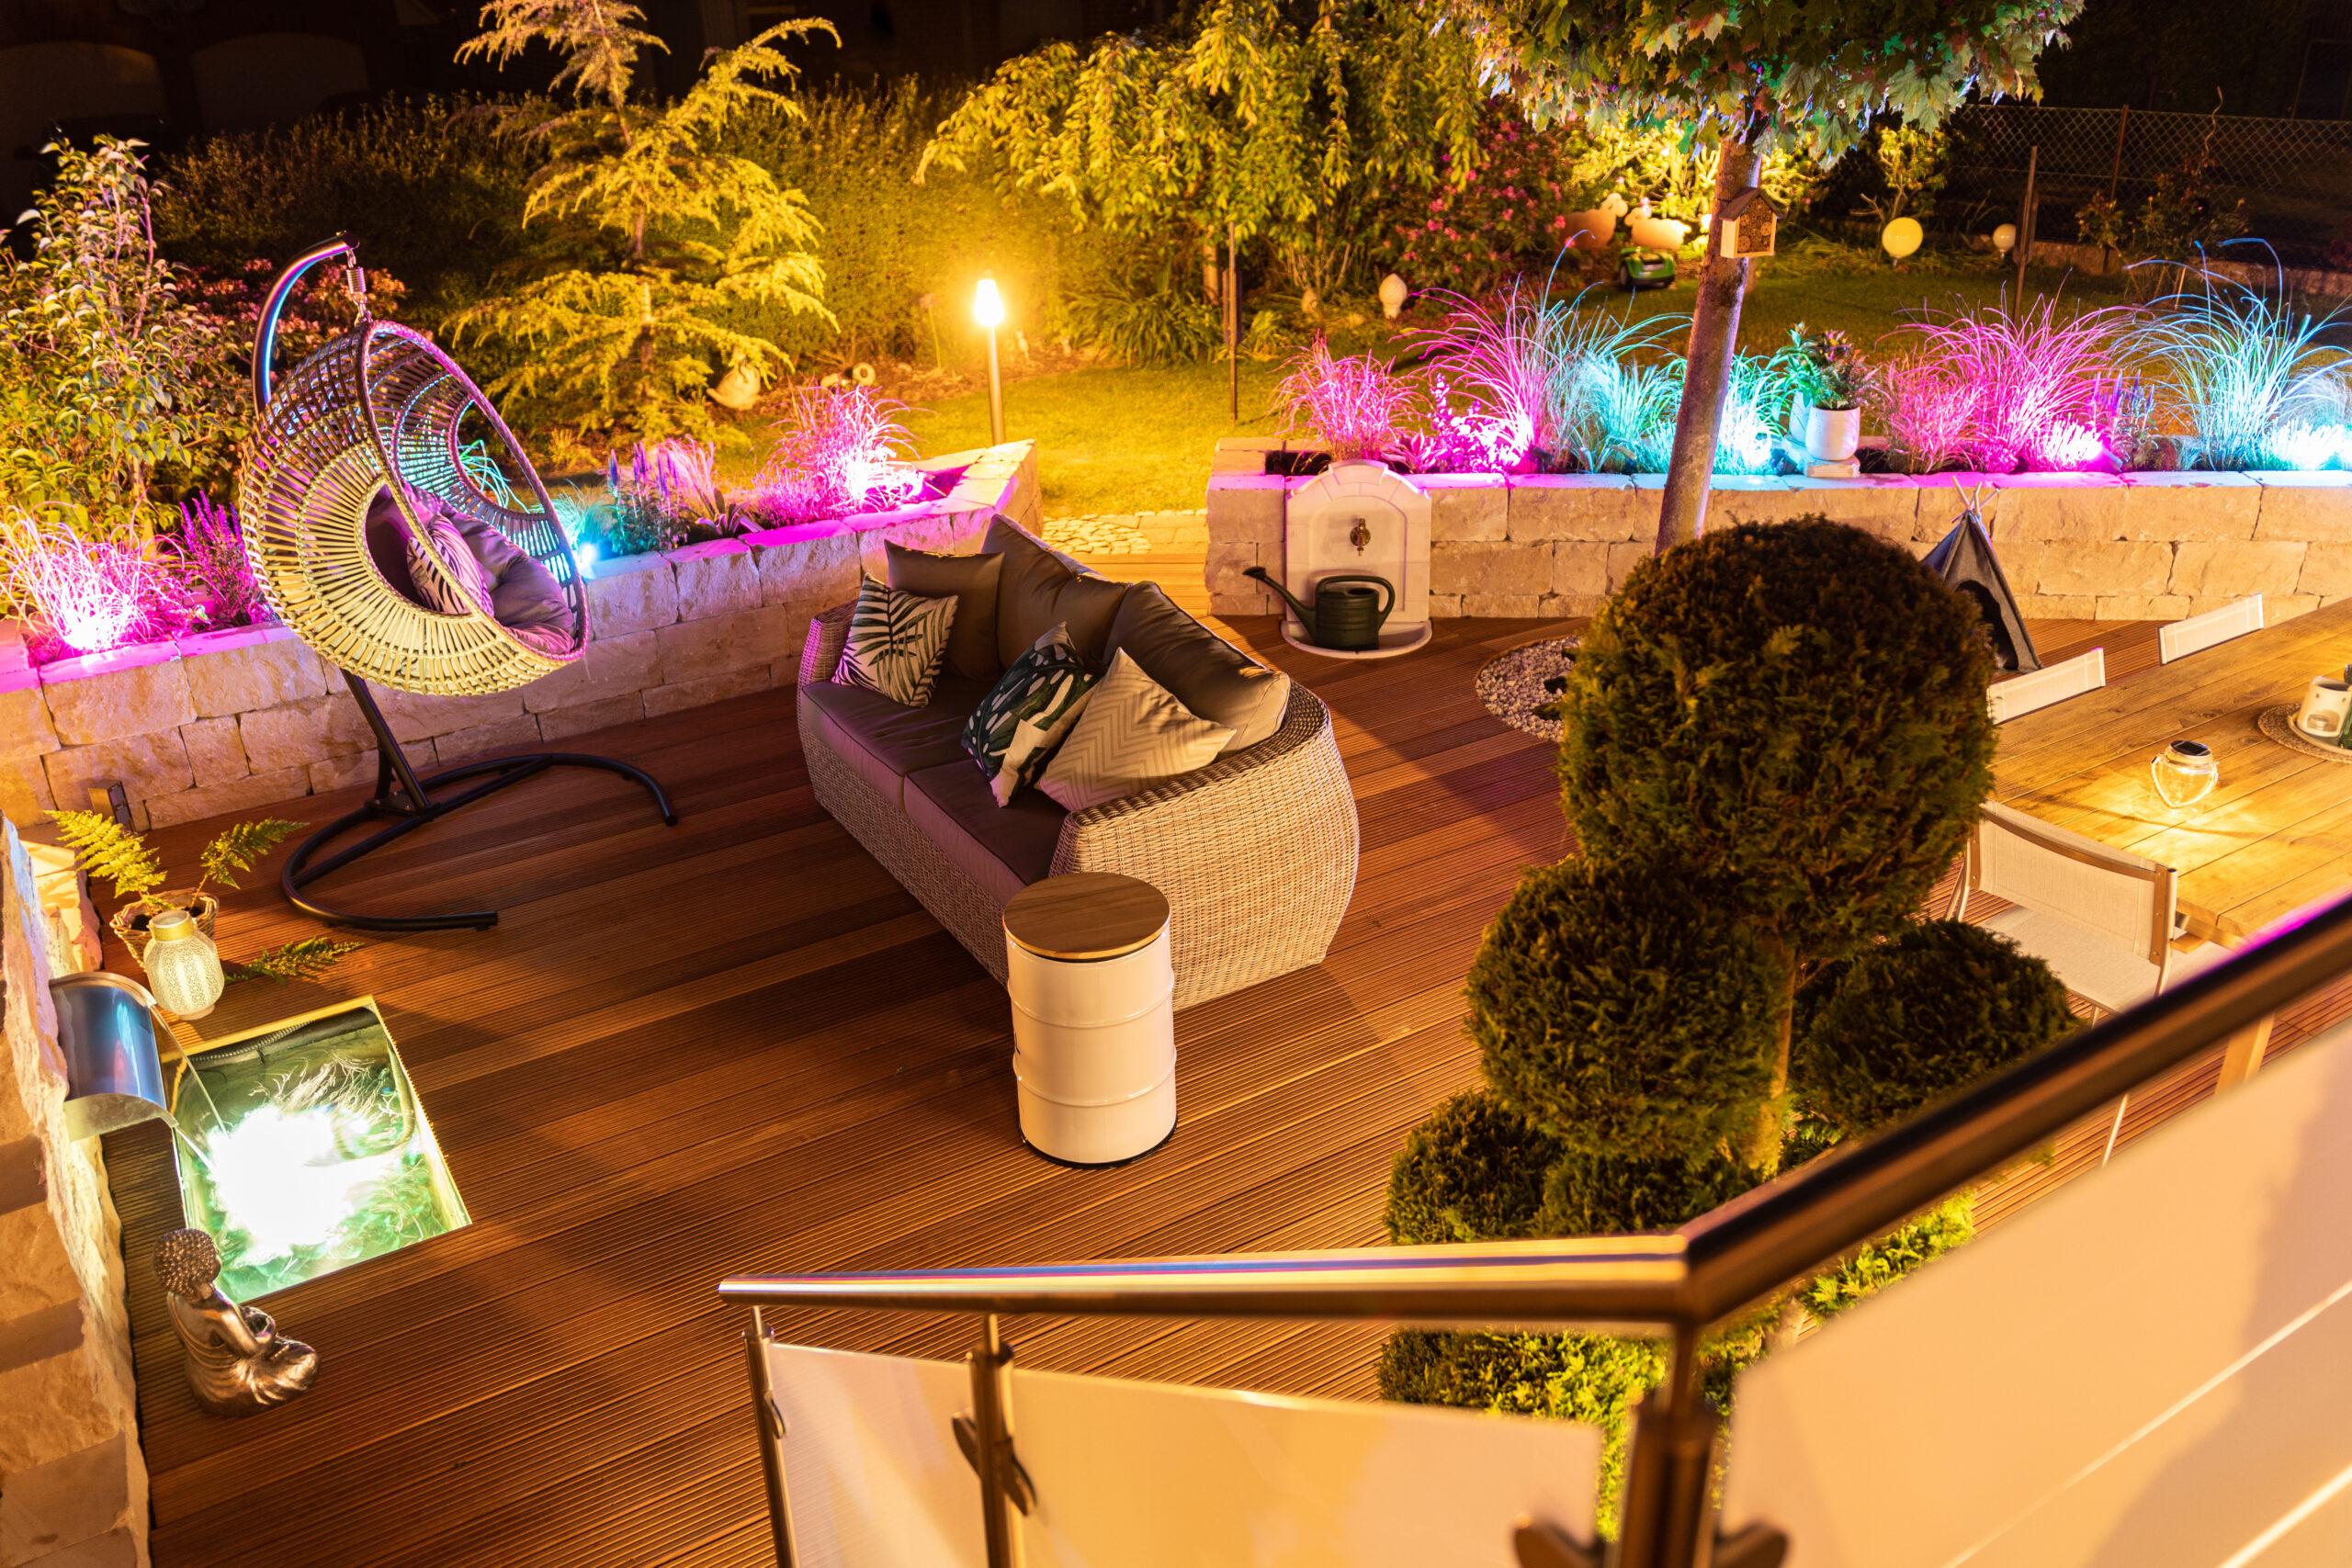 Die Lichter verbreiten Wohlfühlatmosphäre im Garten und auf der Terrasse. Es ist ein bisschen wie im Auenland.